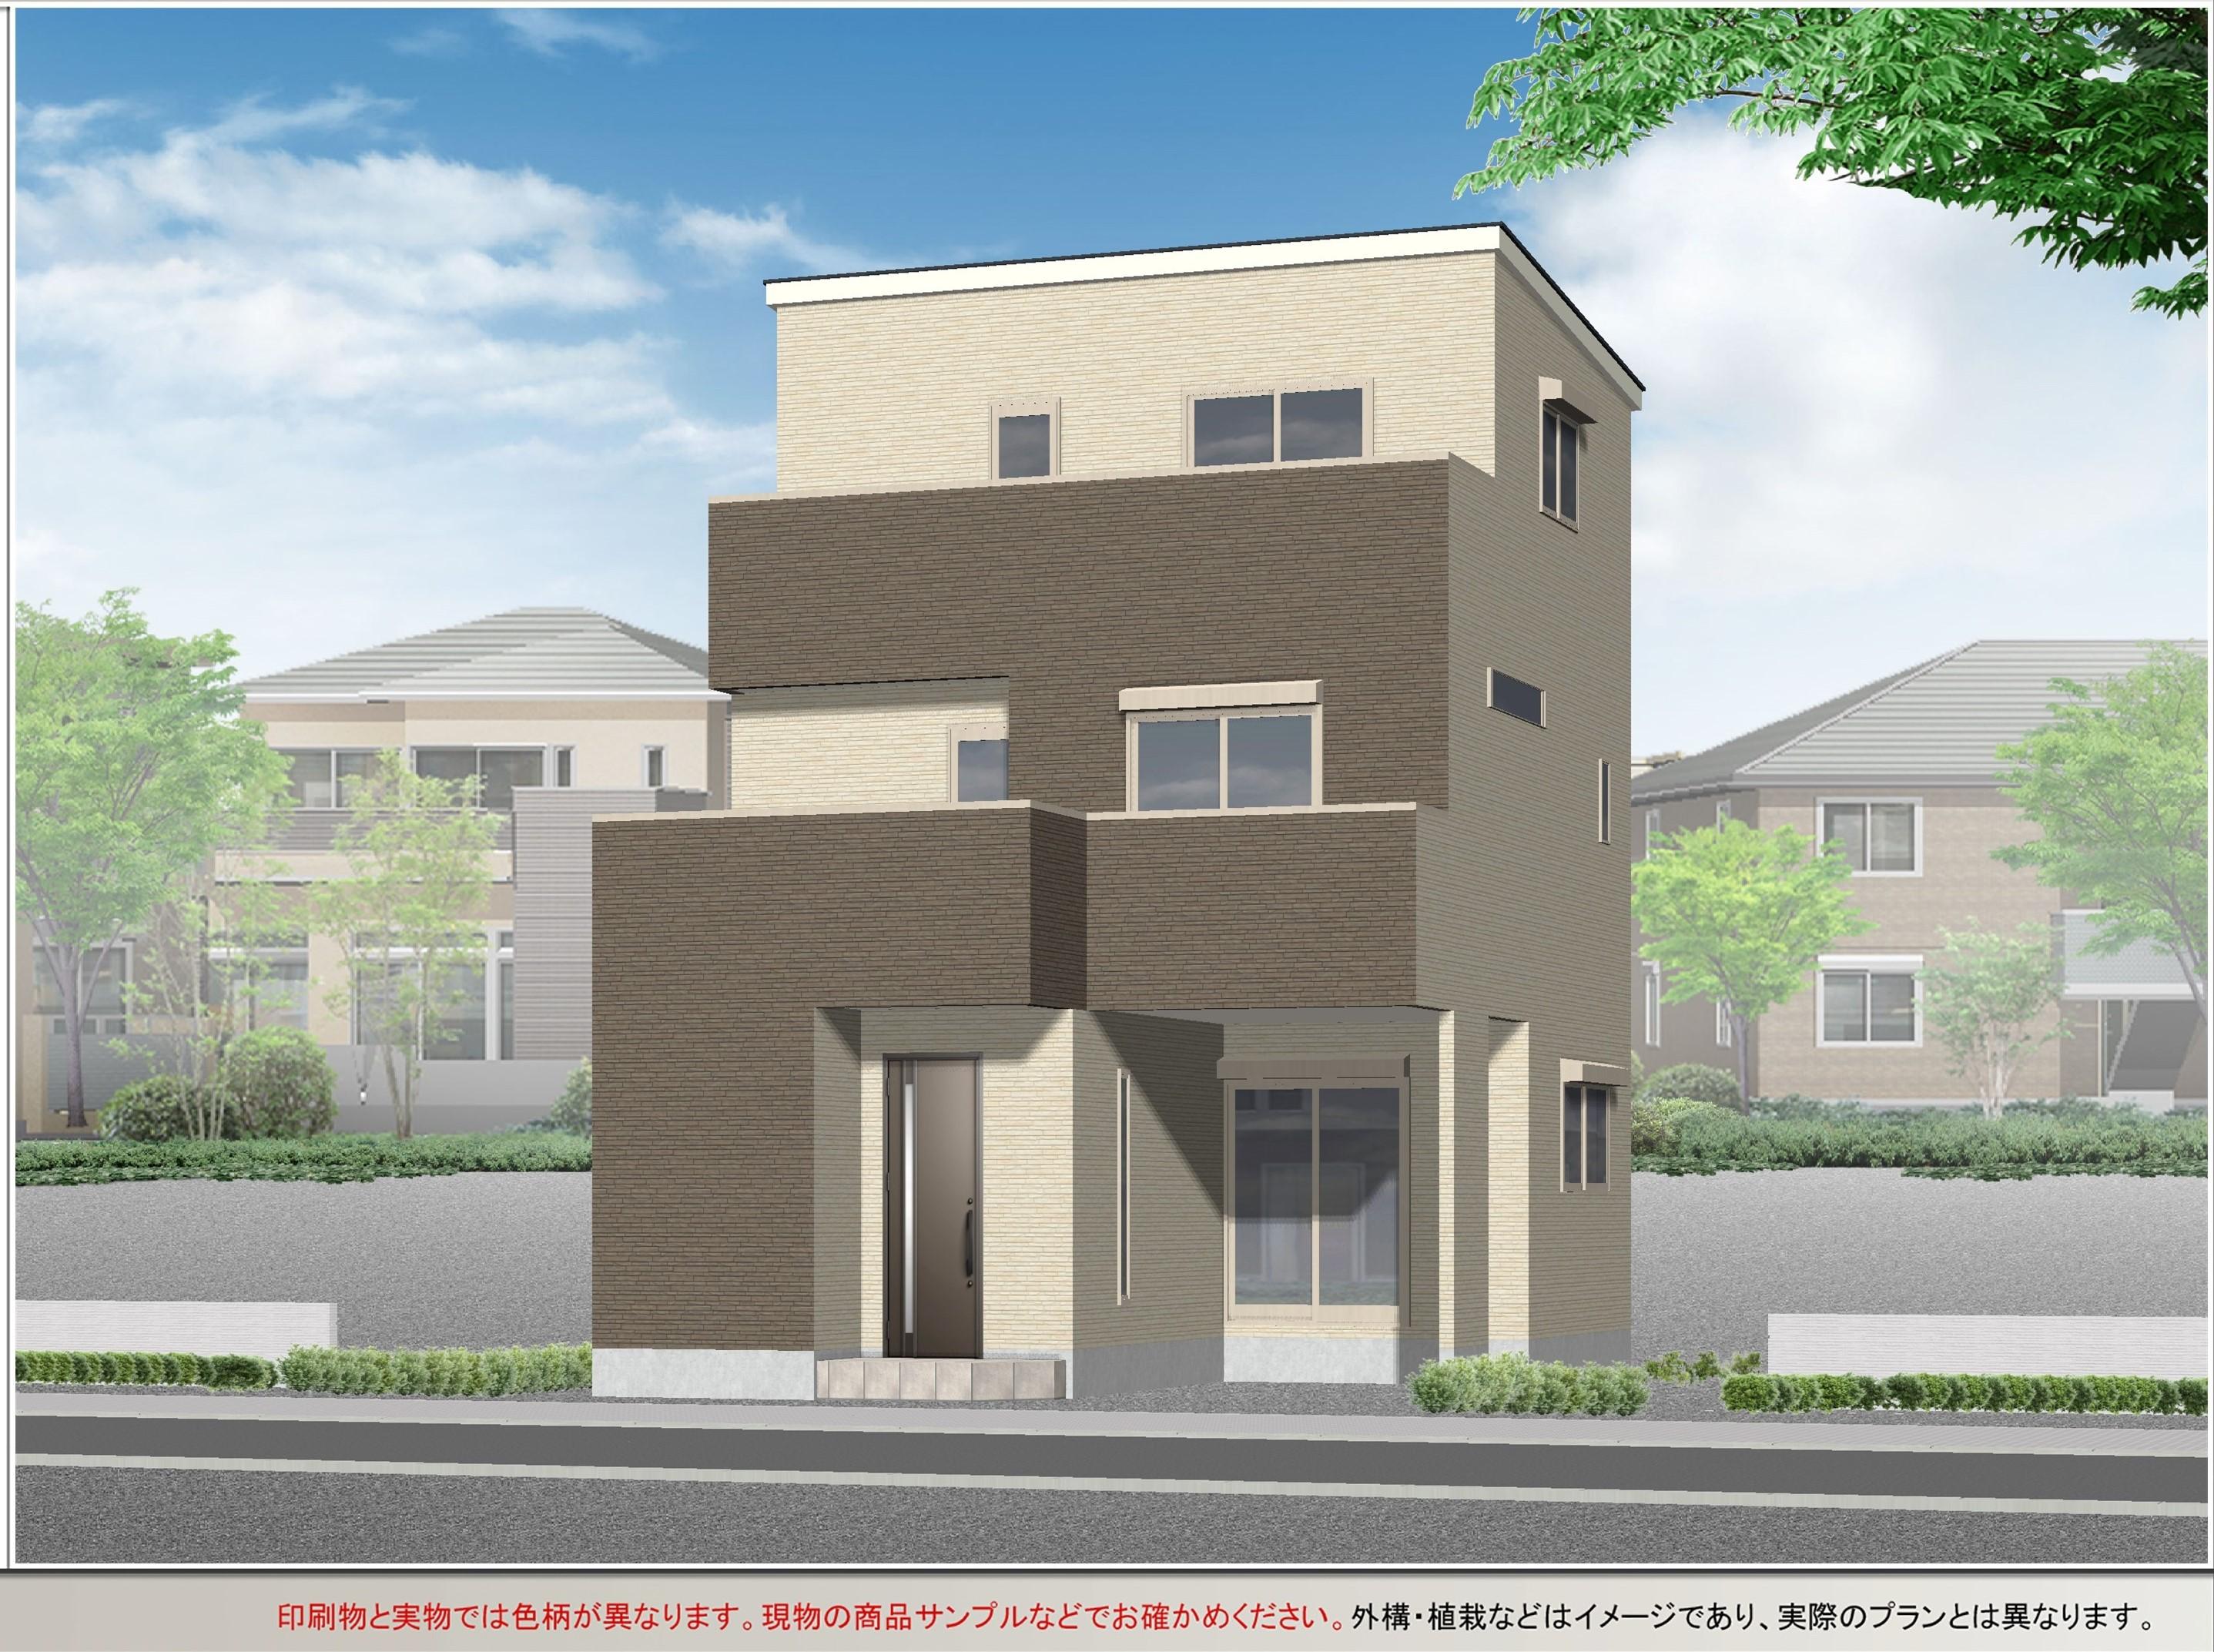 外観パースイメージ図(三階建てプラン)